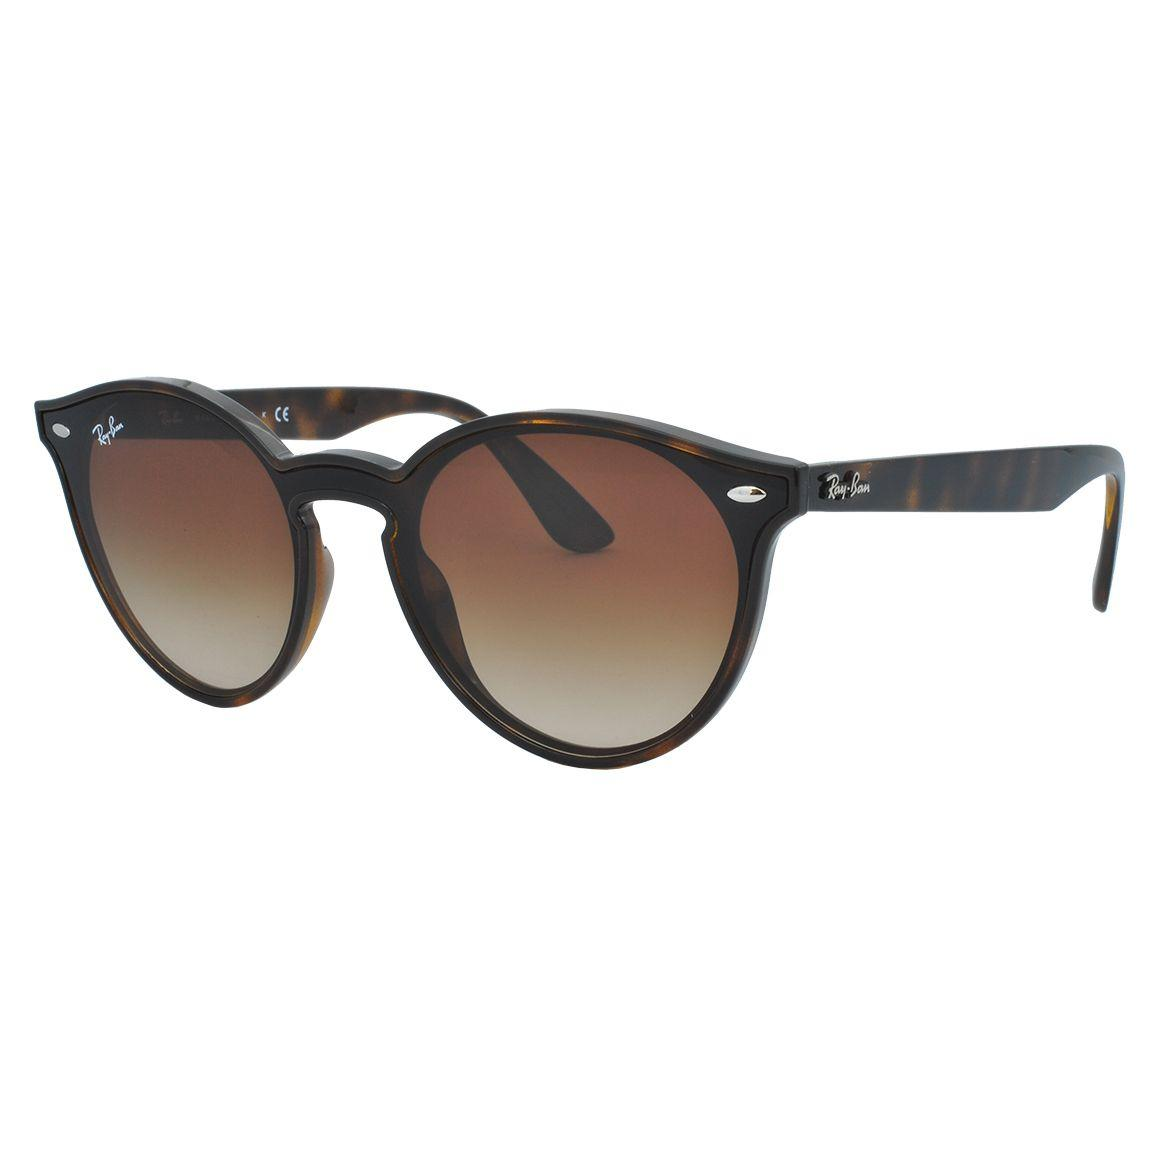 30d9499420b6a Óculos de Sol Ray Ban Unissex RB4380N 710 133 - Acetato Marrom e Lente  Marrom Degradê R  601